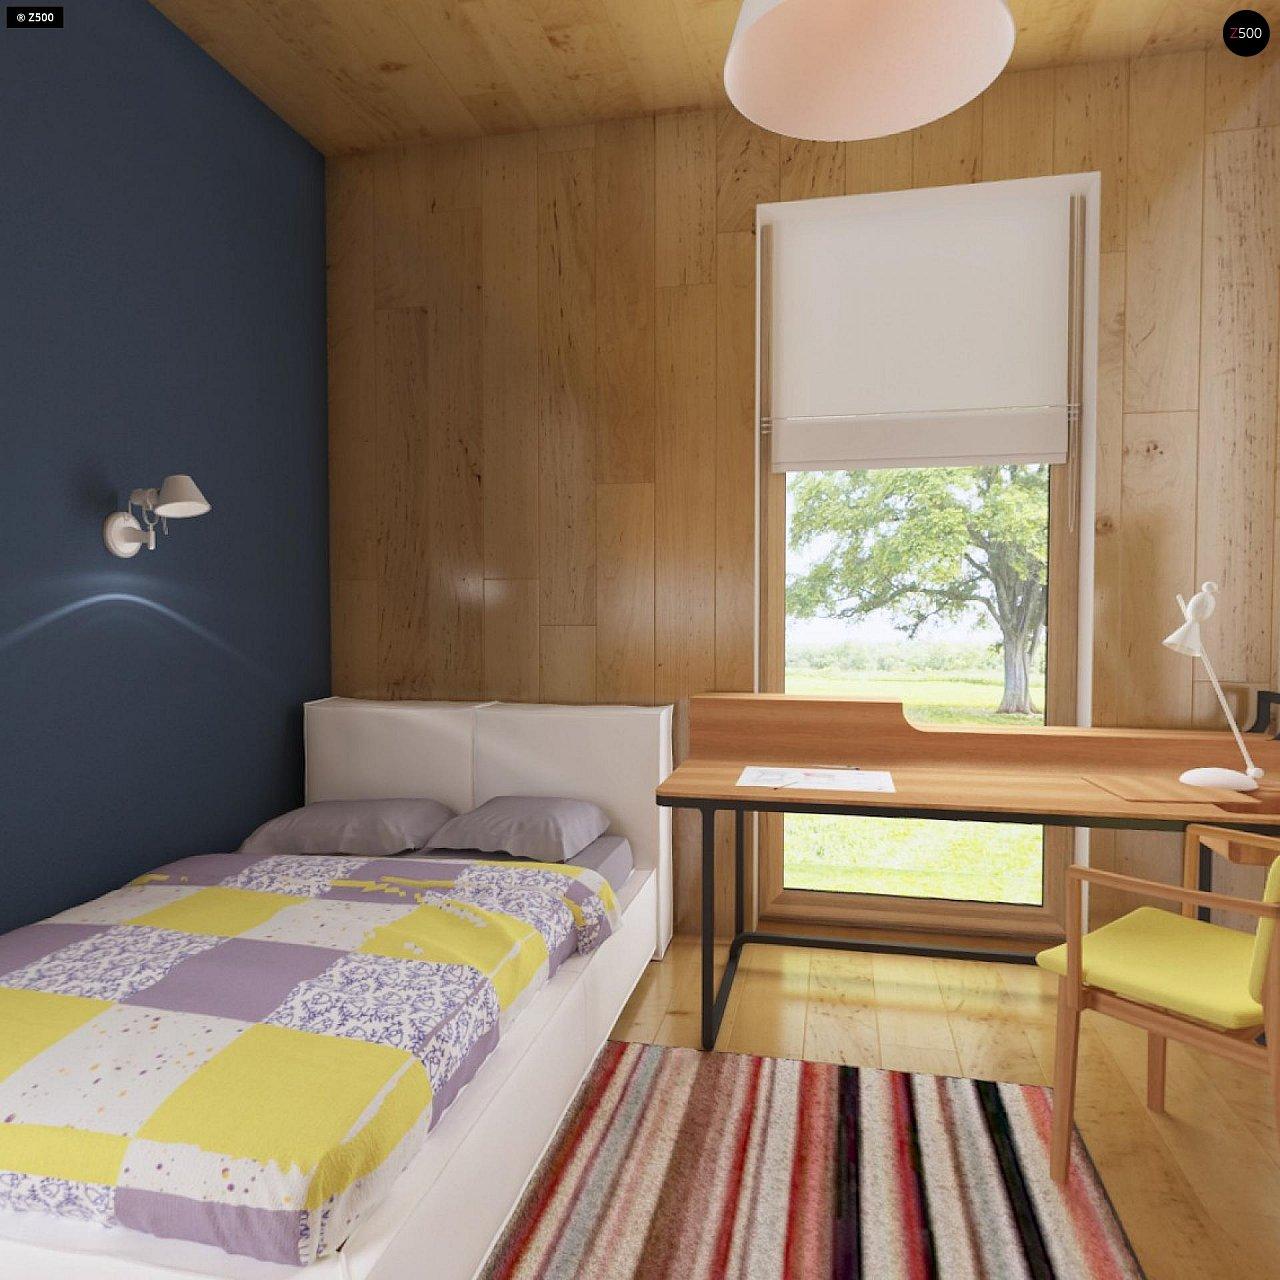 Современный функциональный дом с большой площадью остекления в гостиной. 13